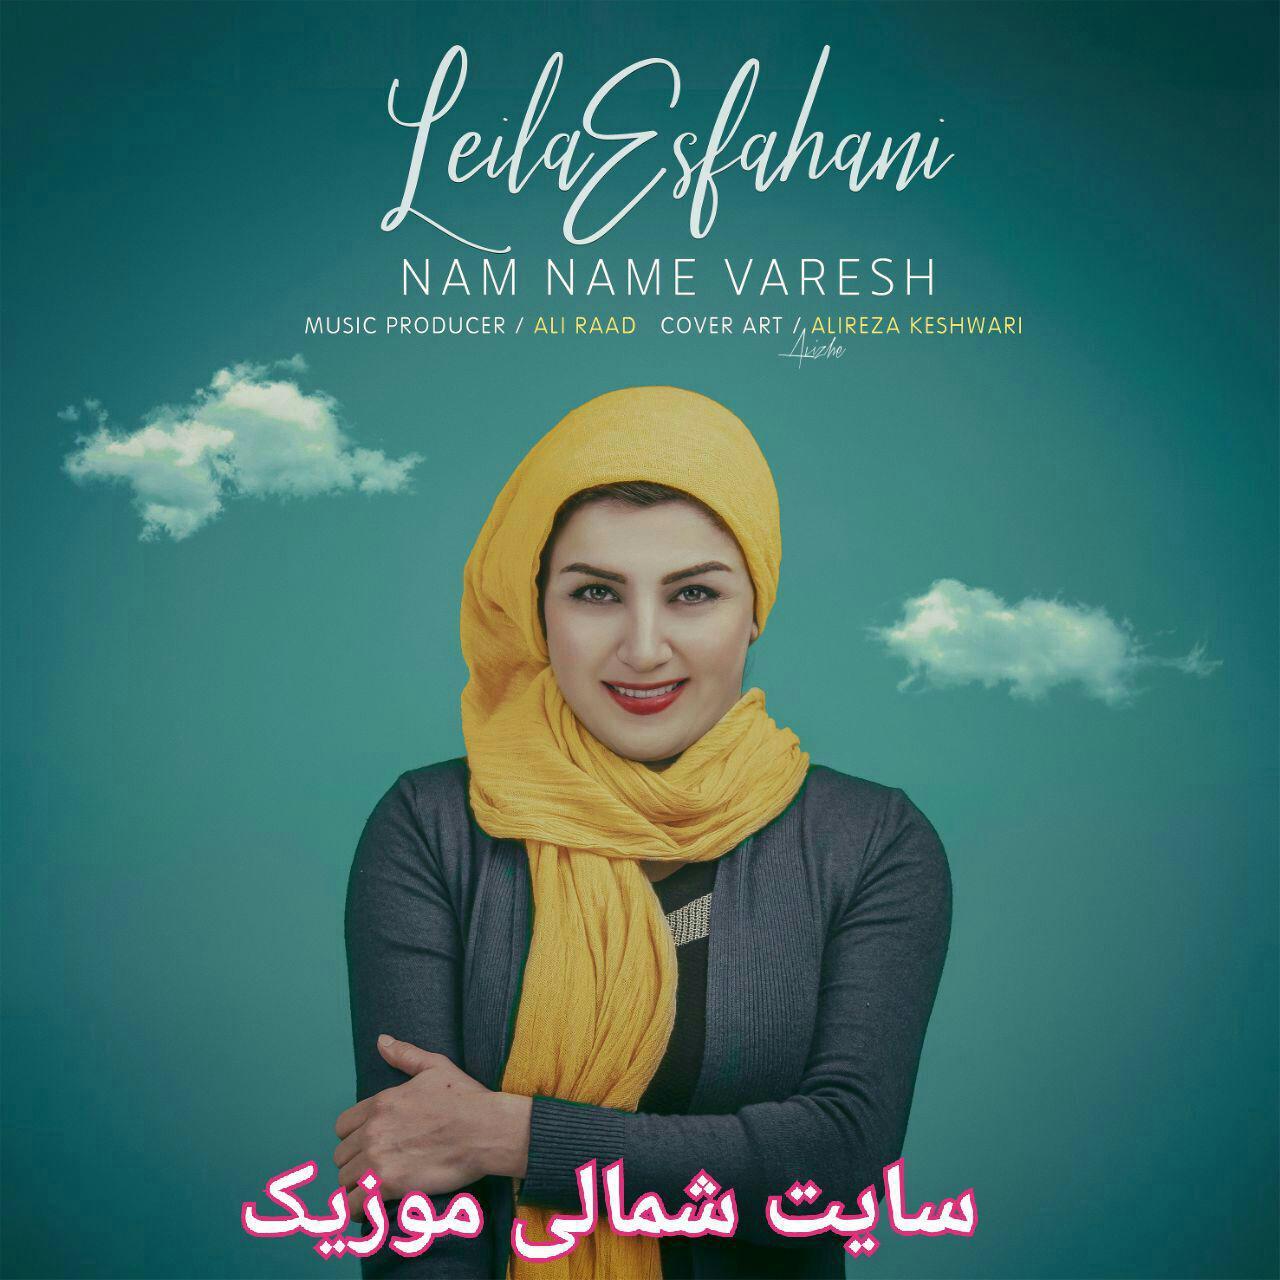 آهنگ نم نم وارش از لیلا اصفهانی